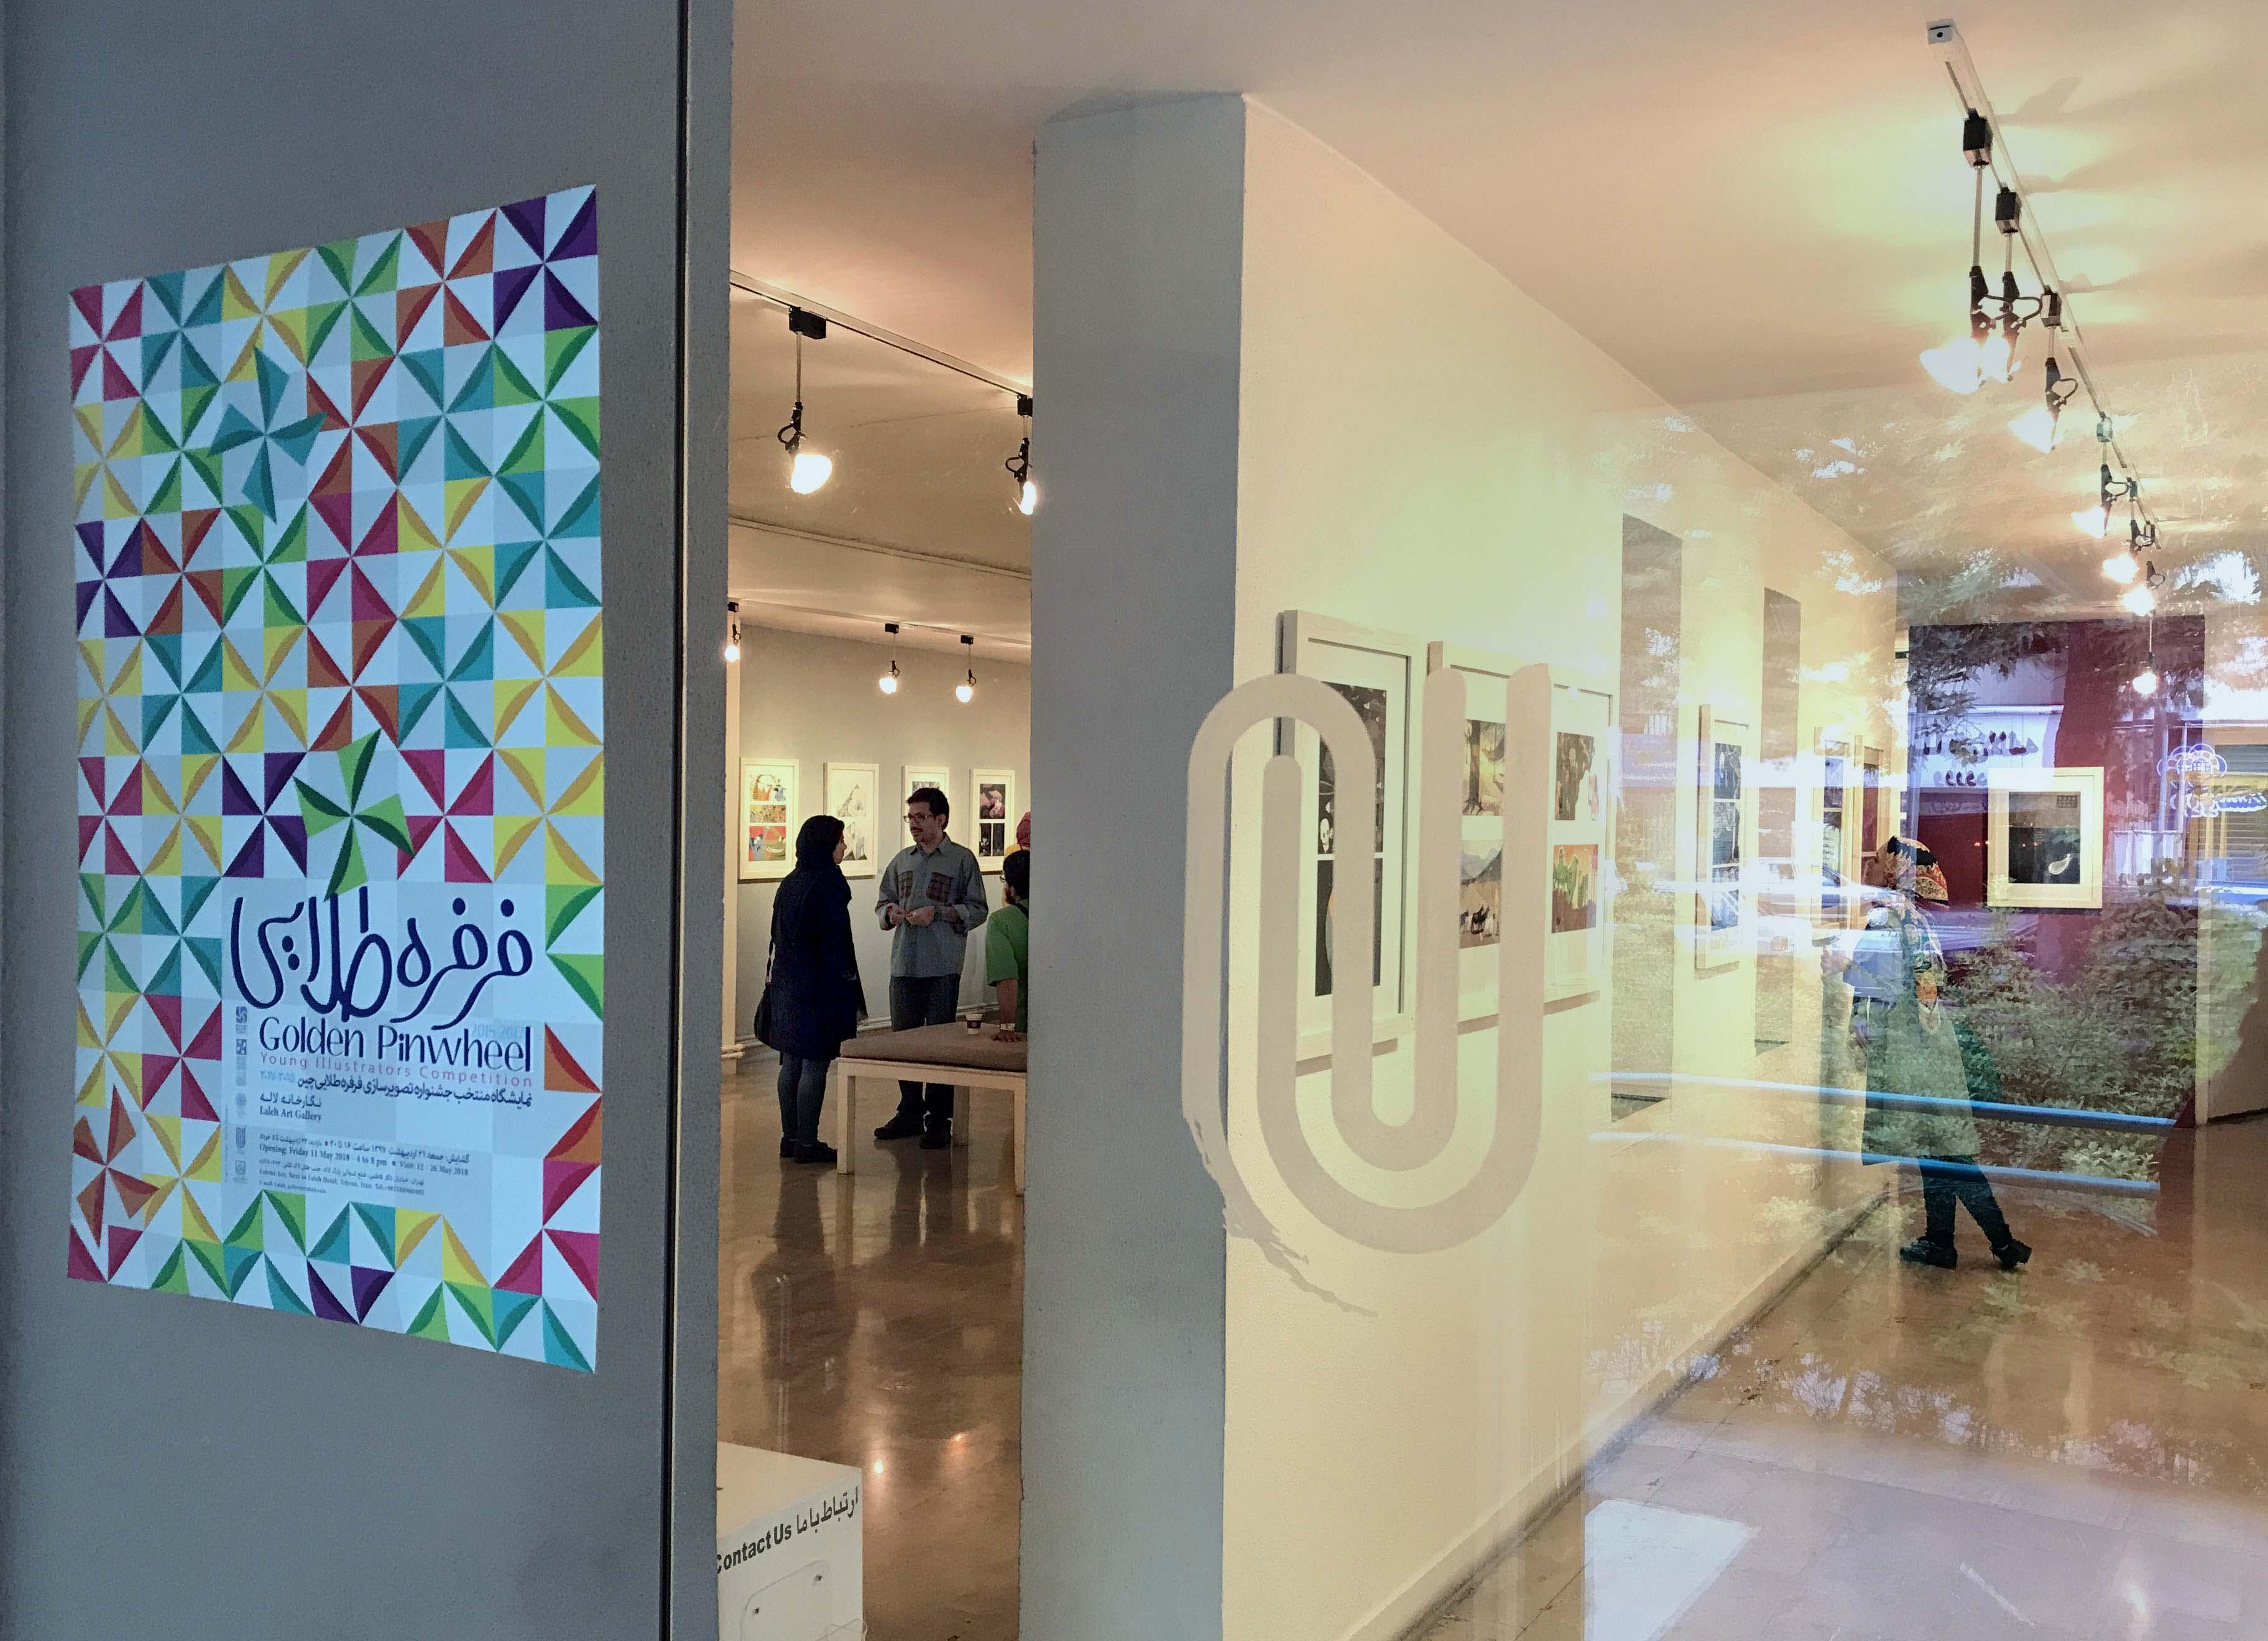 گزارش تصویری نمایشگاه منتخب جشنواره تصویرسازی فرفره طلایی چین در ایران